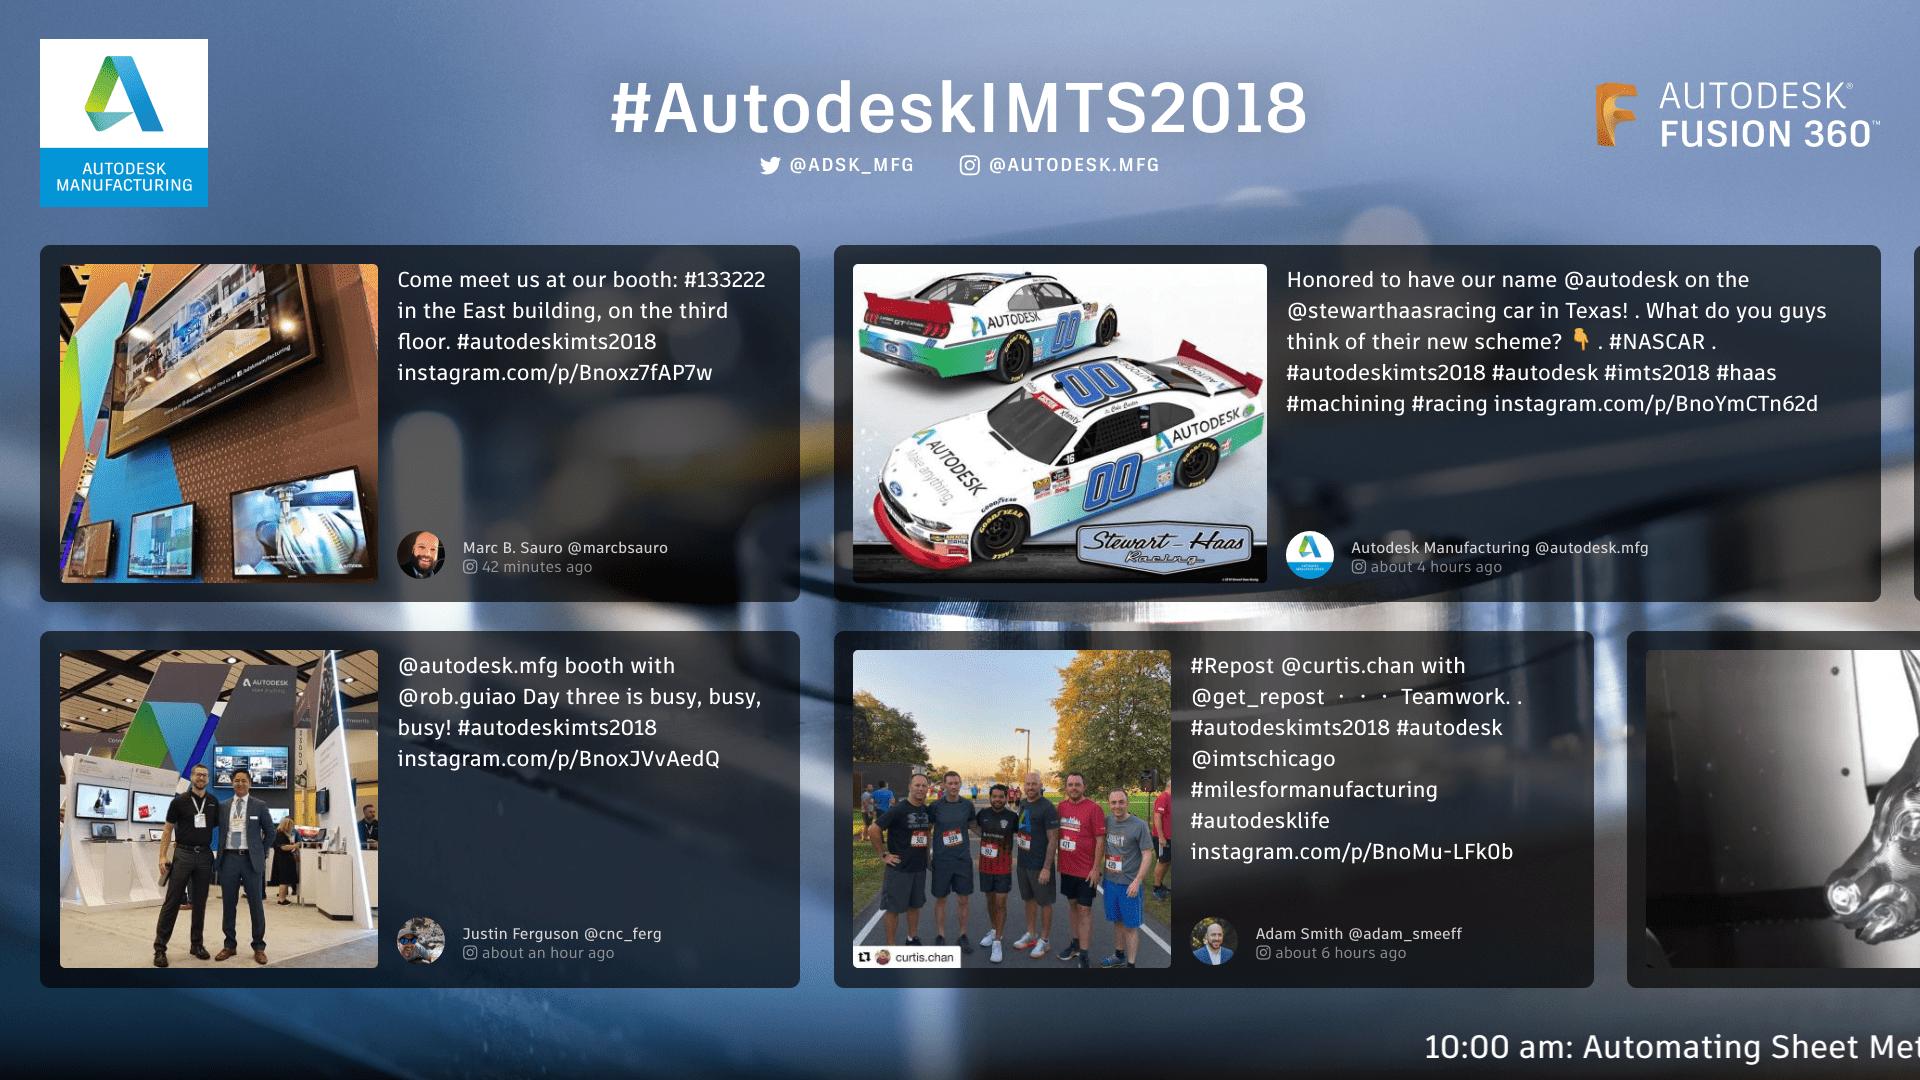 Autodesk - Posts